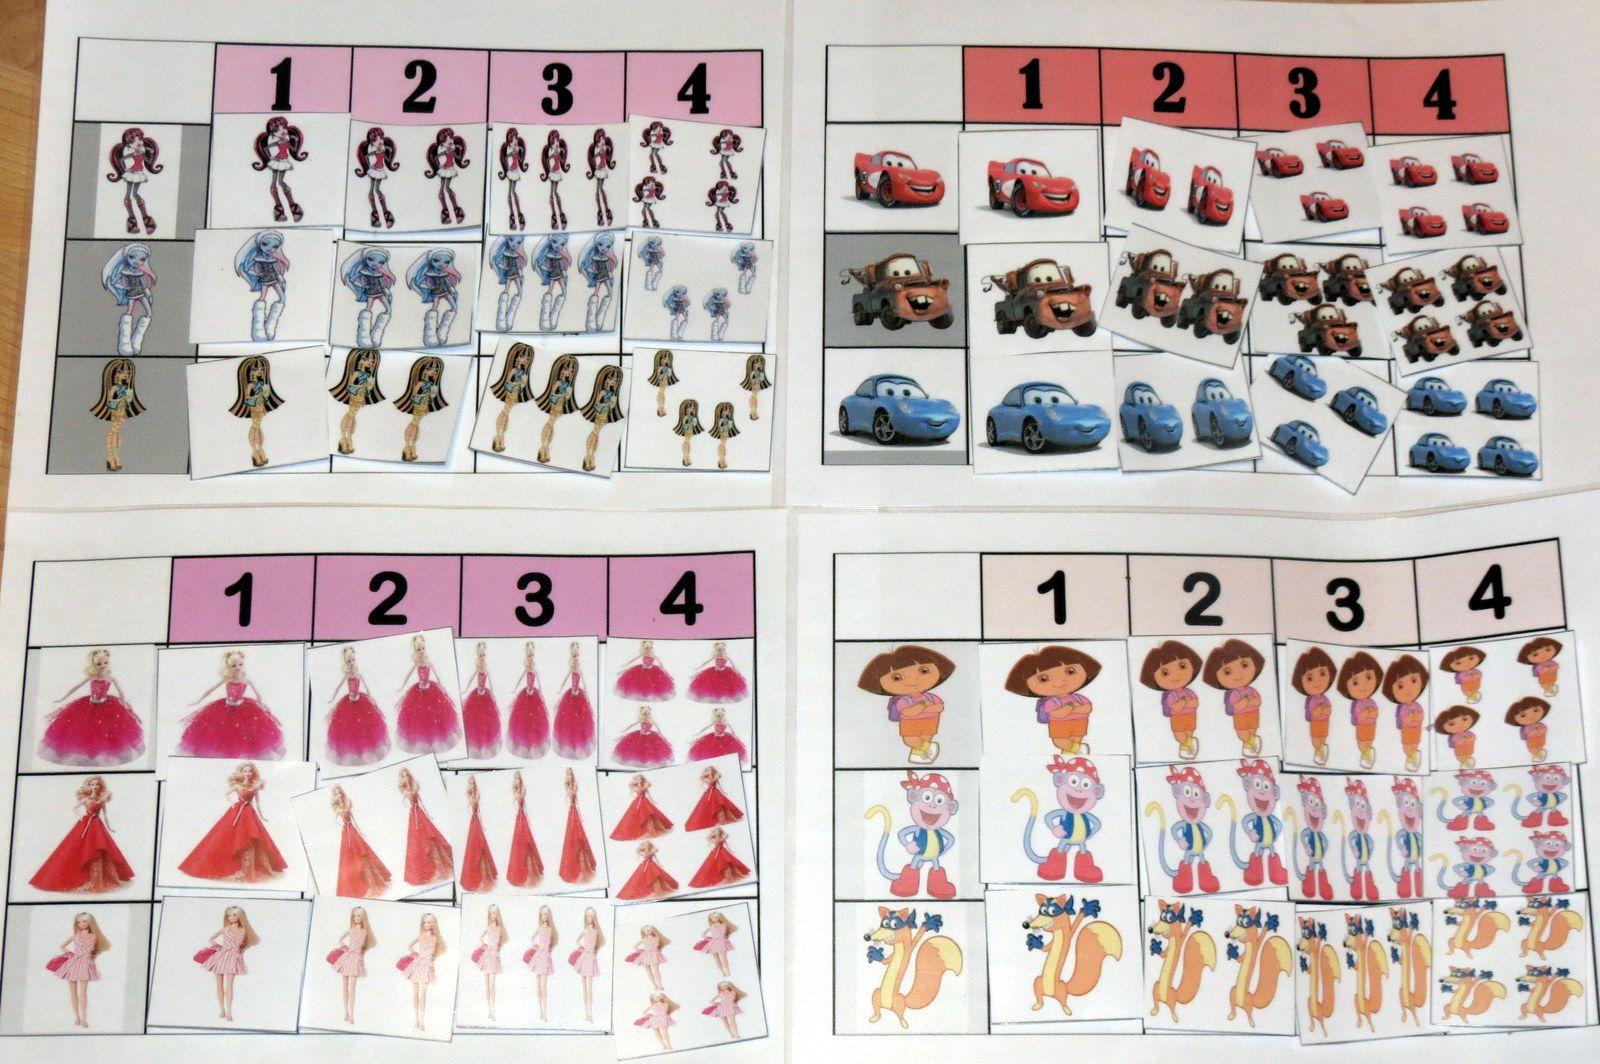 Tableaux de dénombrement de 1 à 4